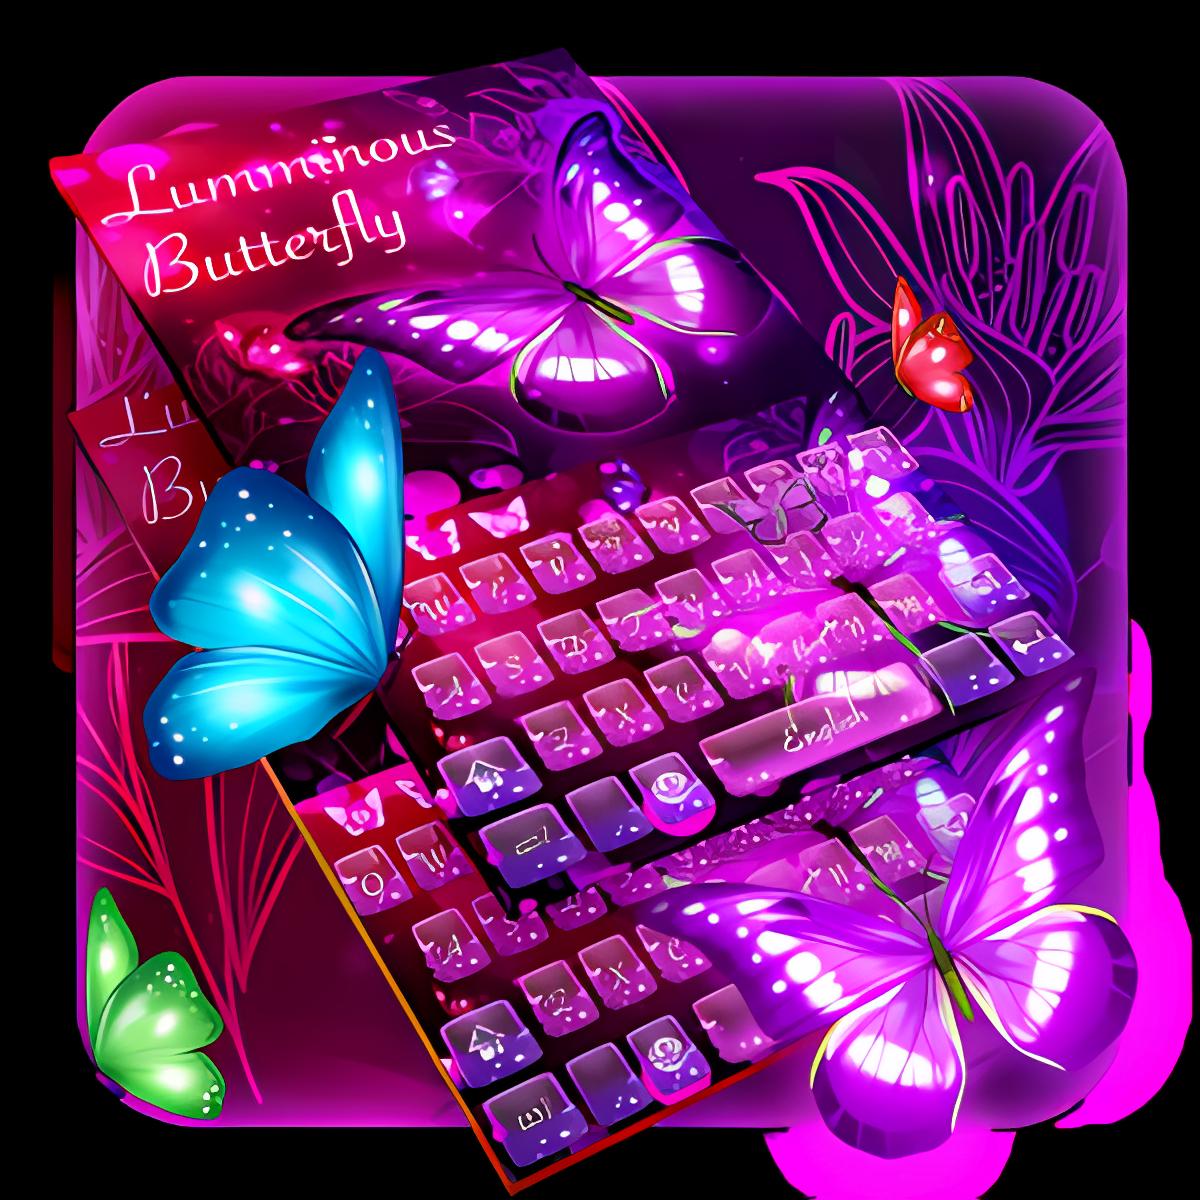 Luminous butterfly keyboard 10001003